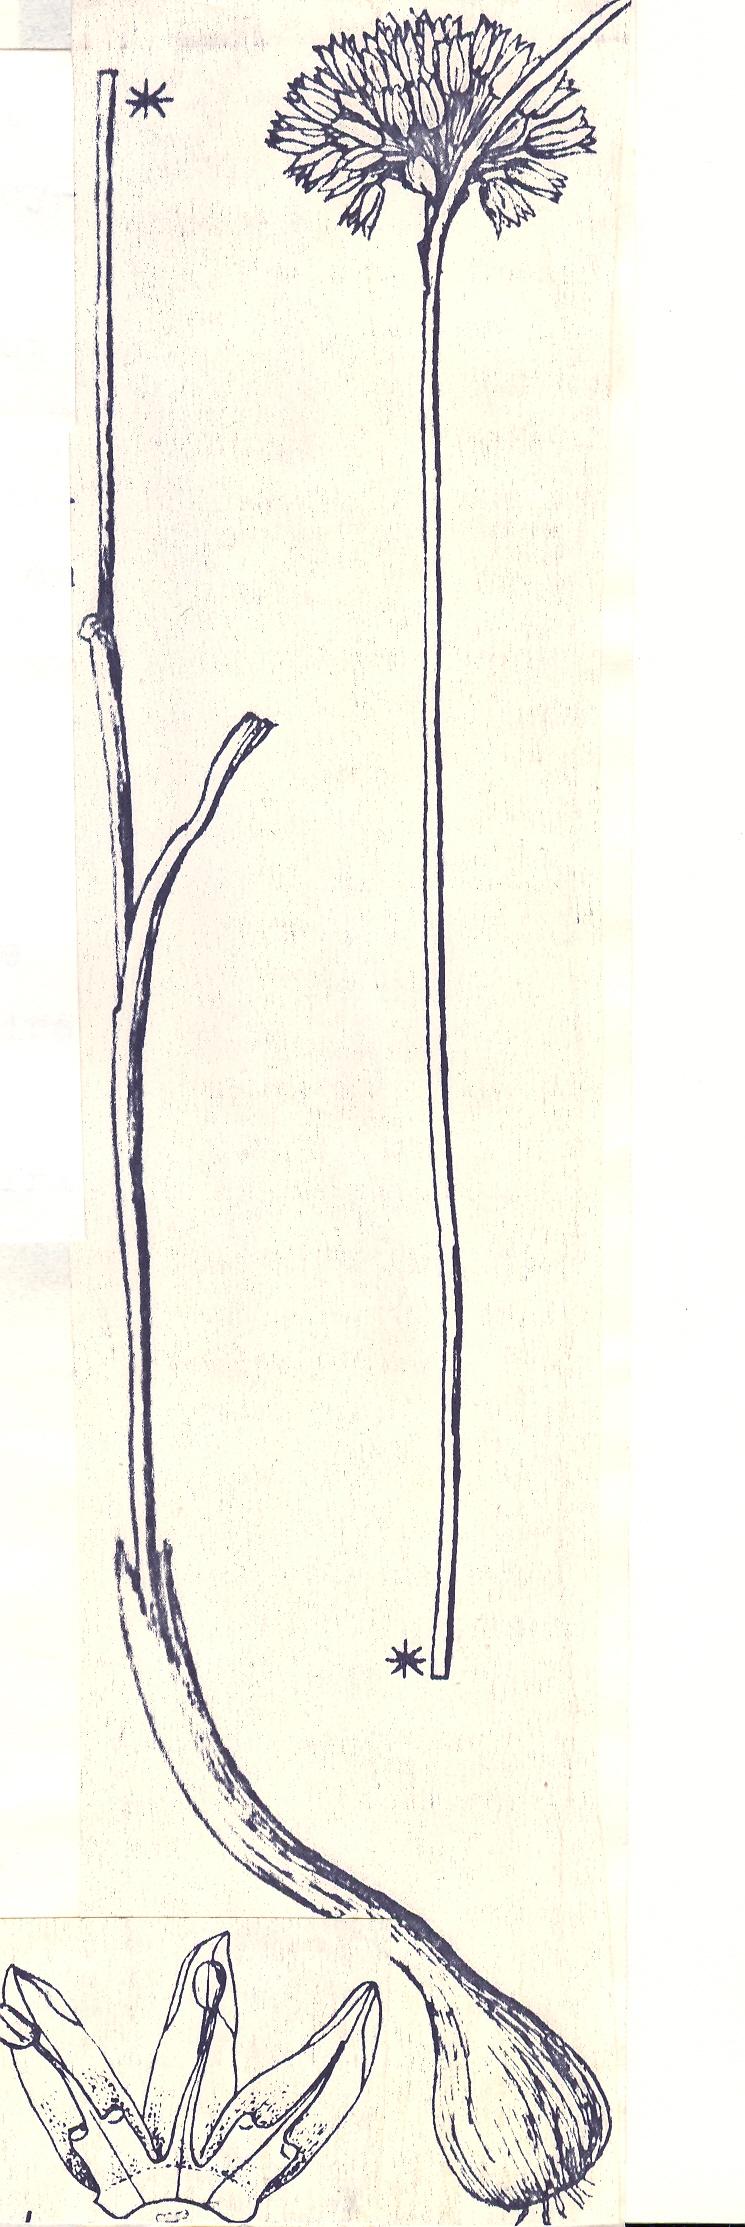 Allium%20longevaginatum.jpg